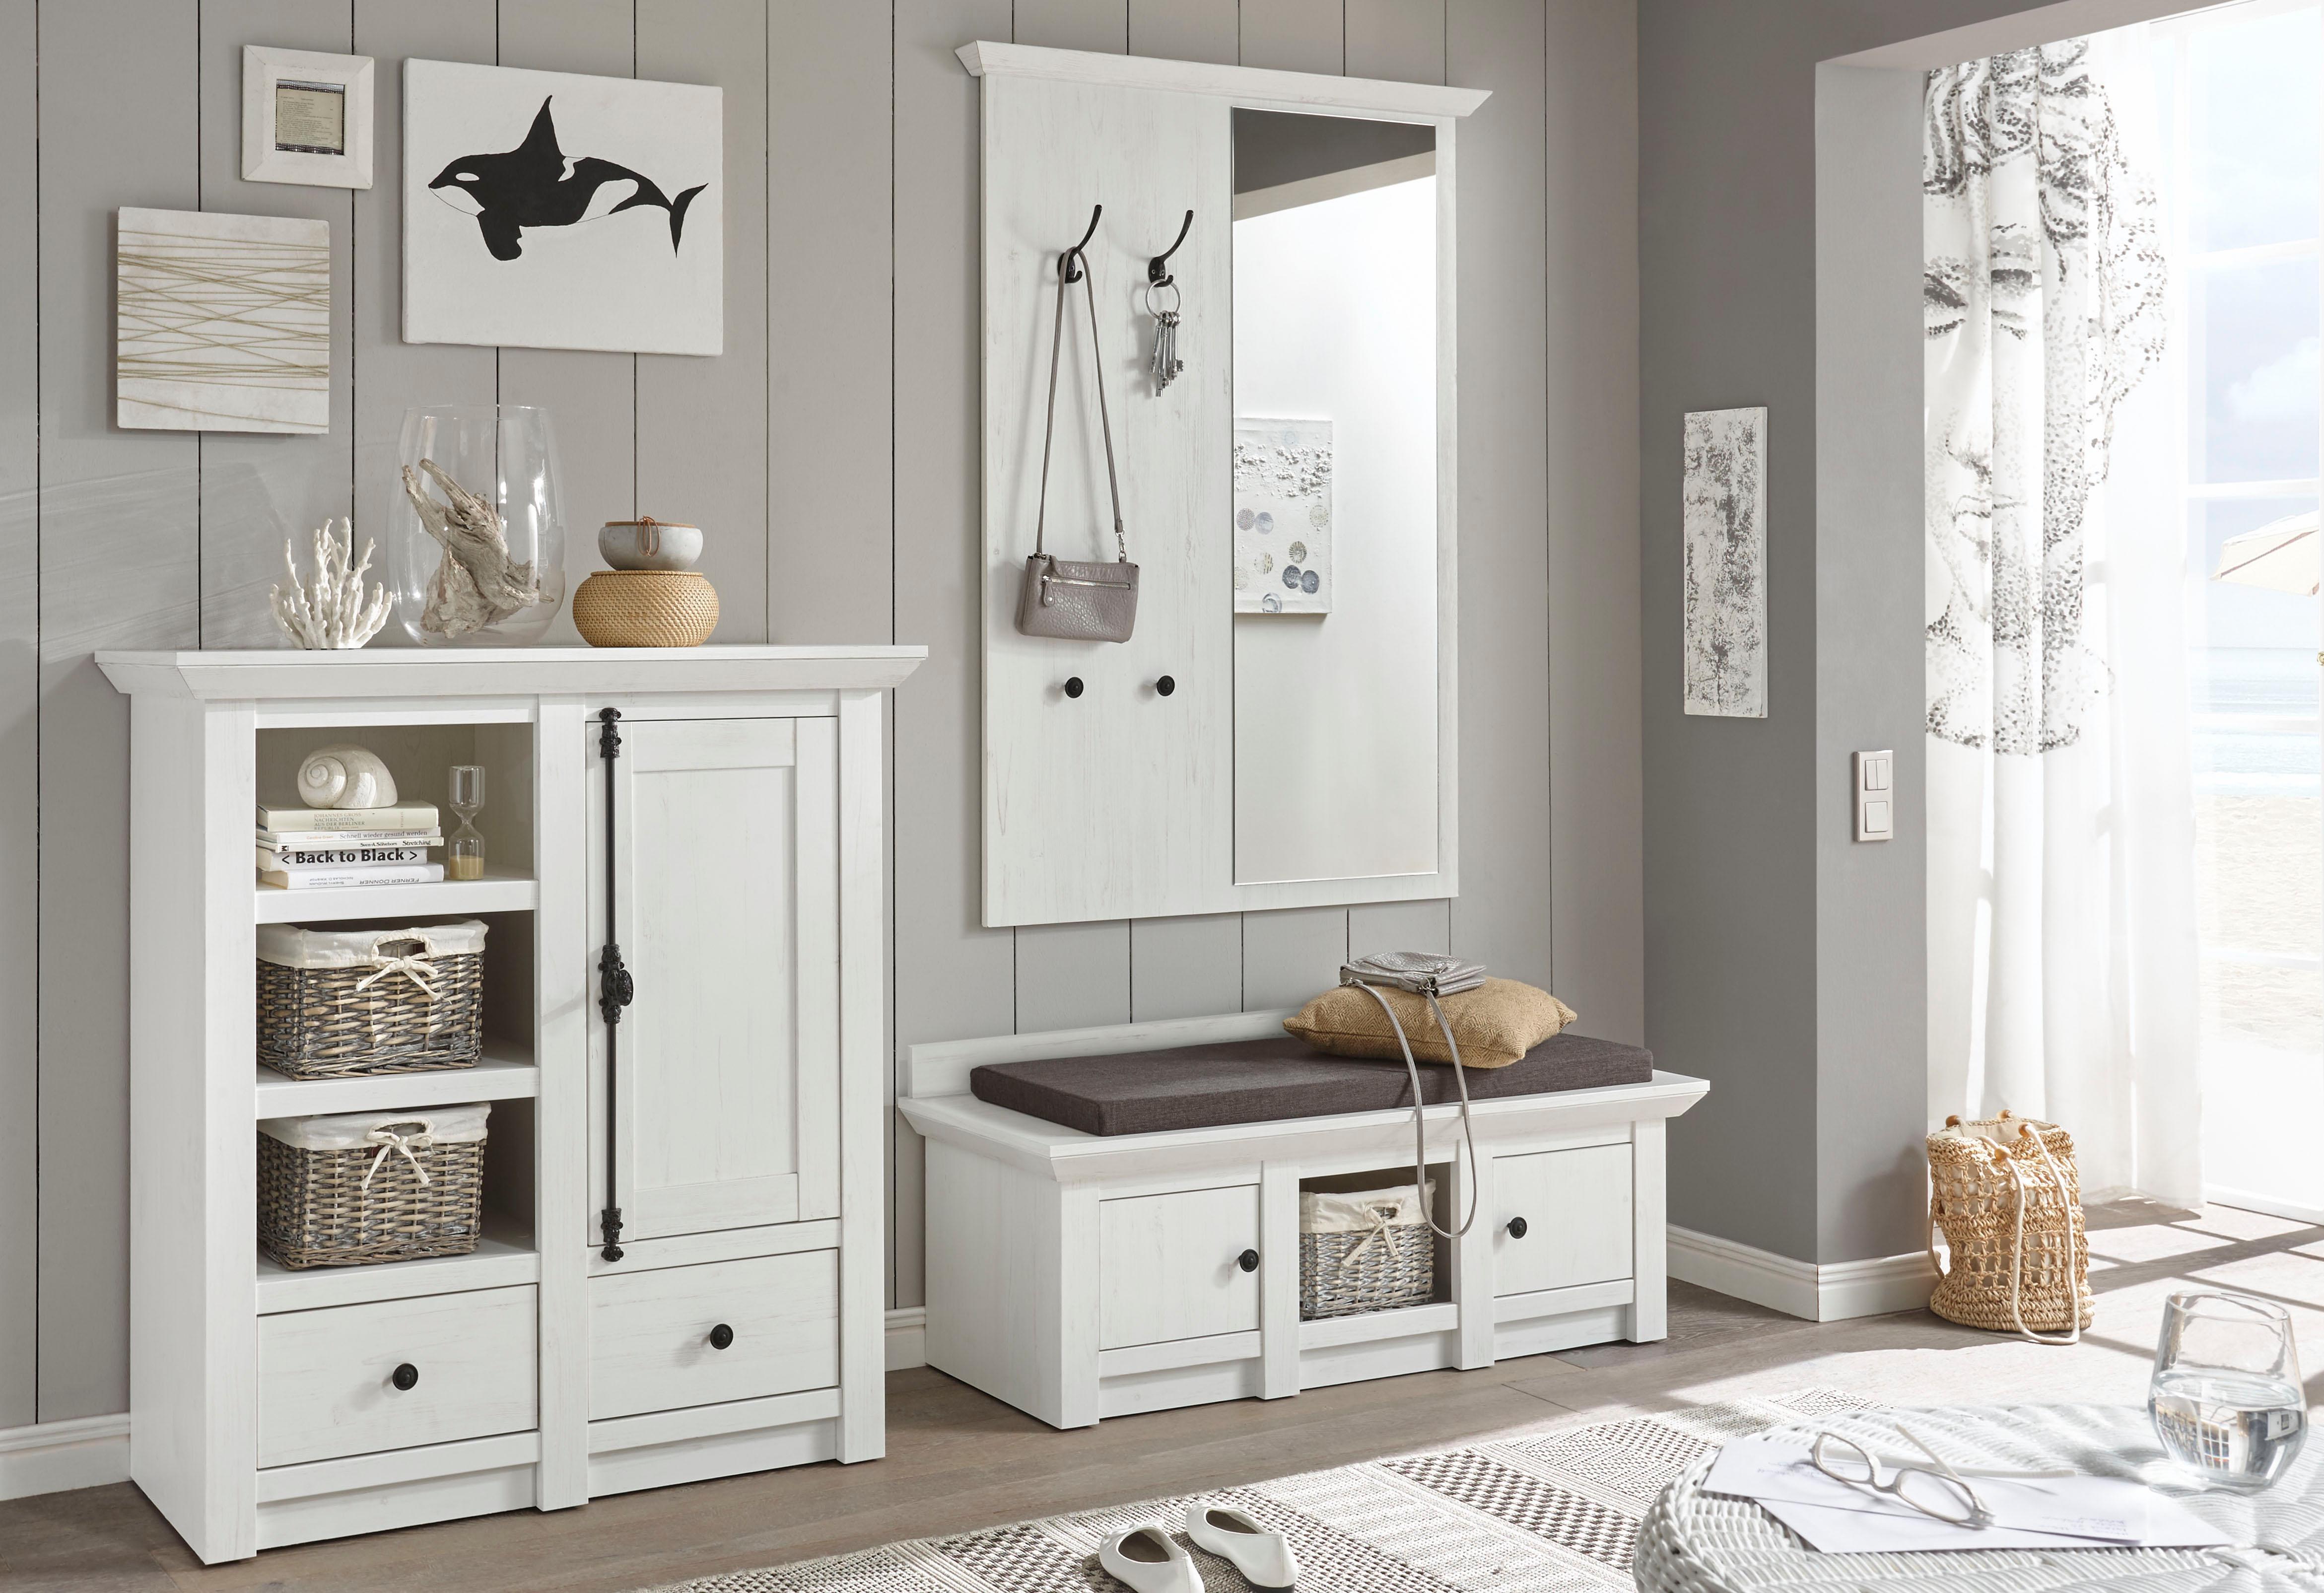 Home affaire Garderoben-Set California, (Set, 3 tlg.), Set aus: Sitzbank, P günstig online kaufen